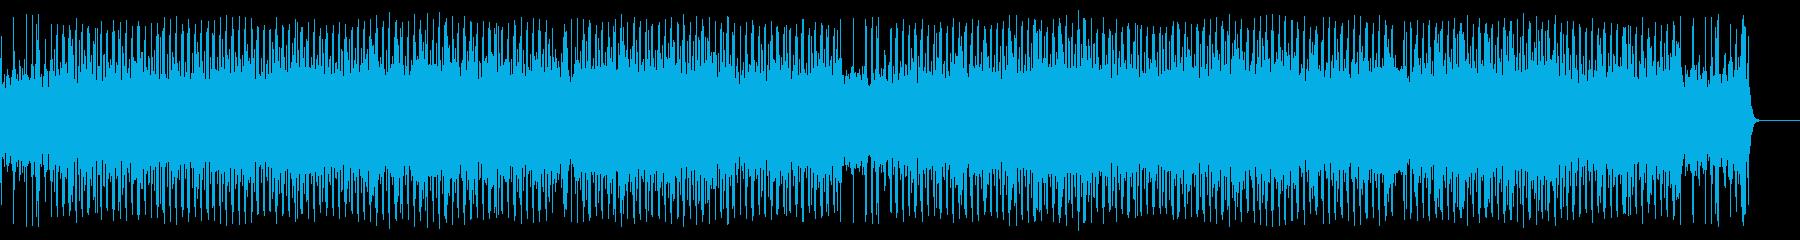 充実感溢れるポップ(フルサイズ)の再生済みの波形